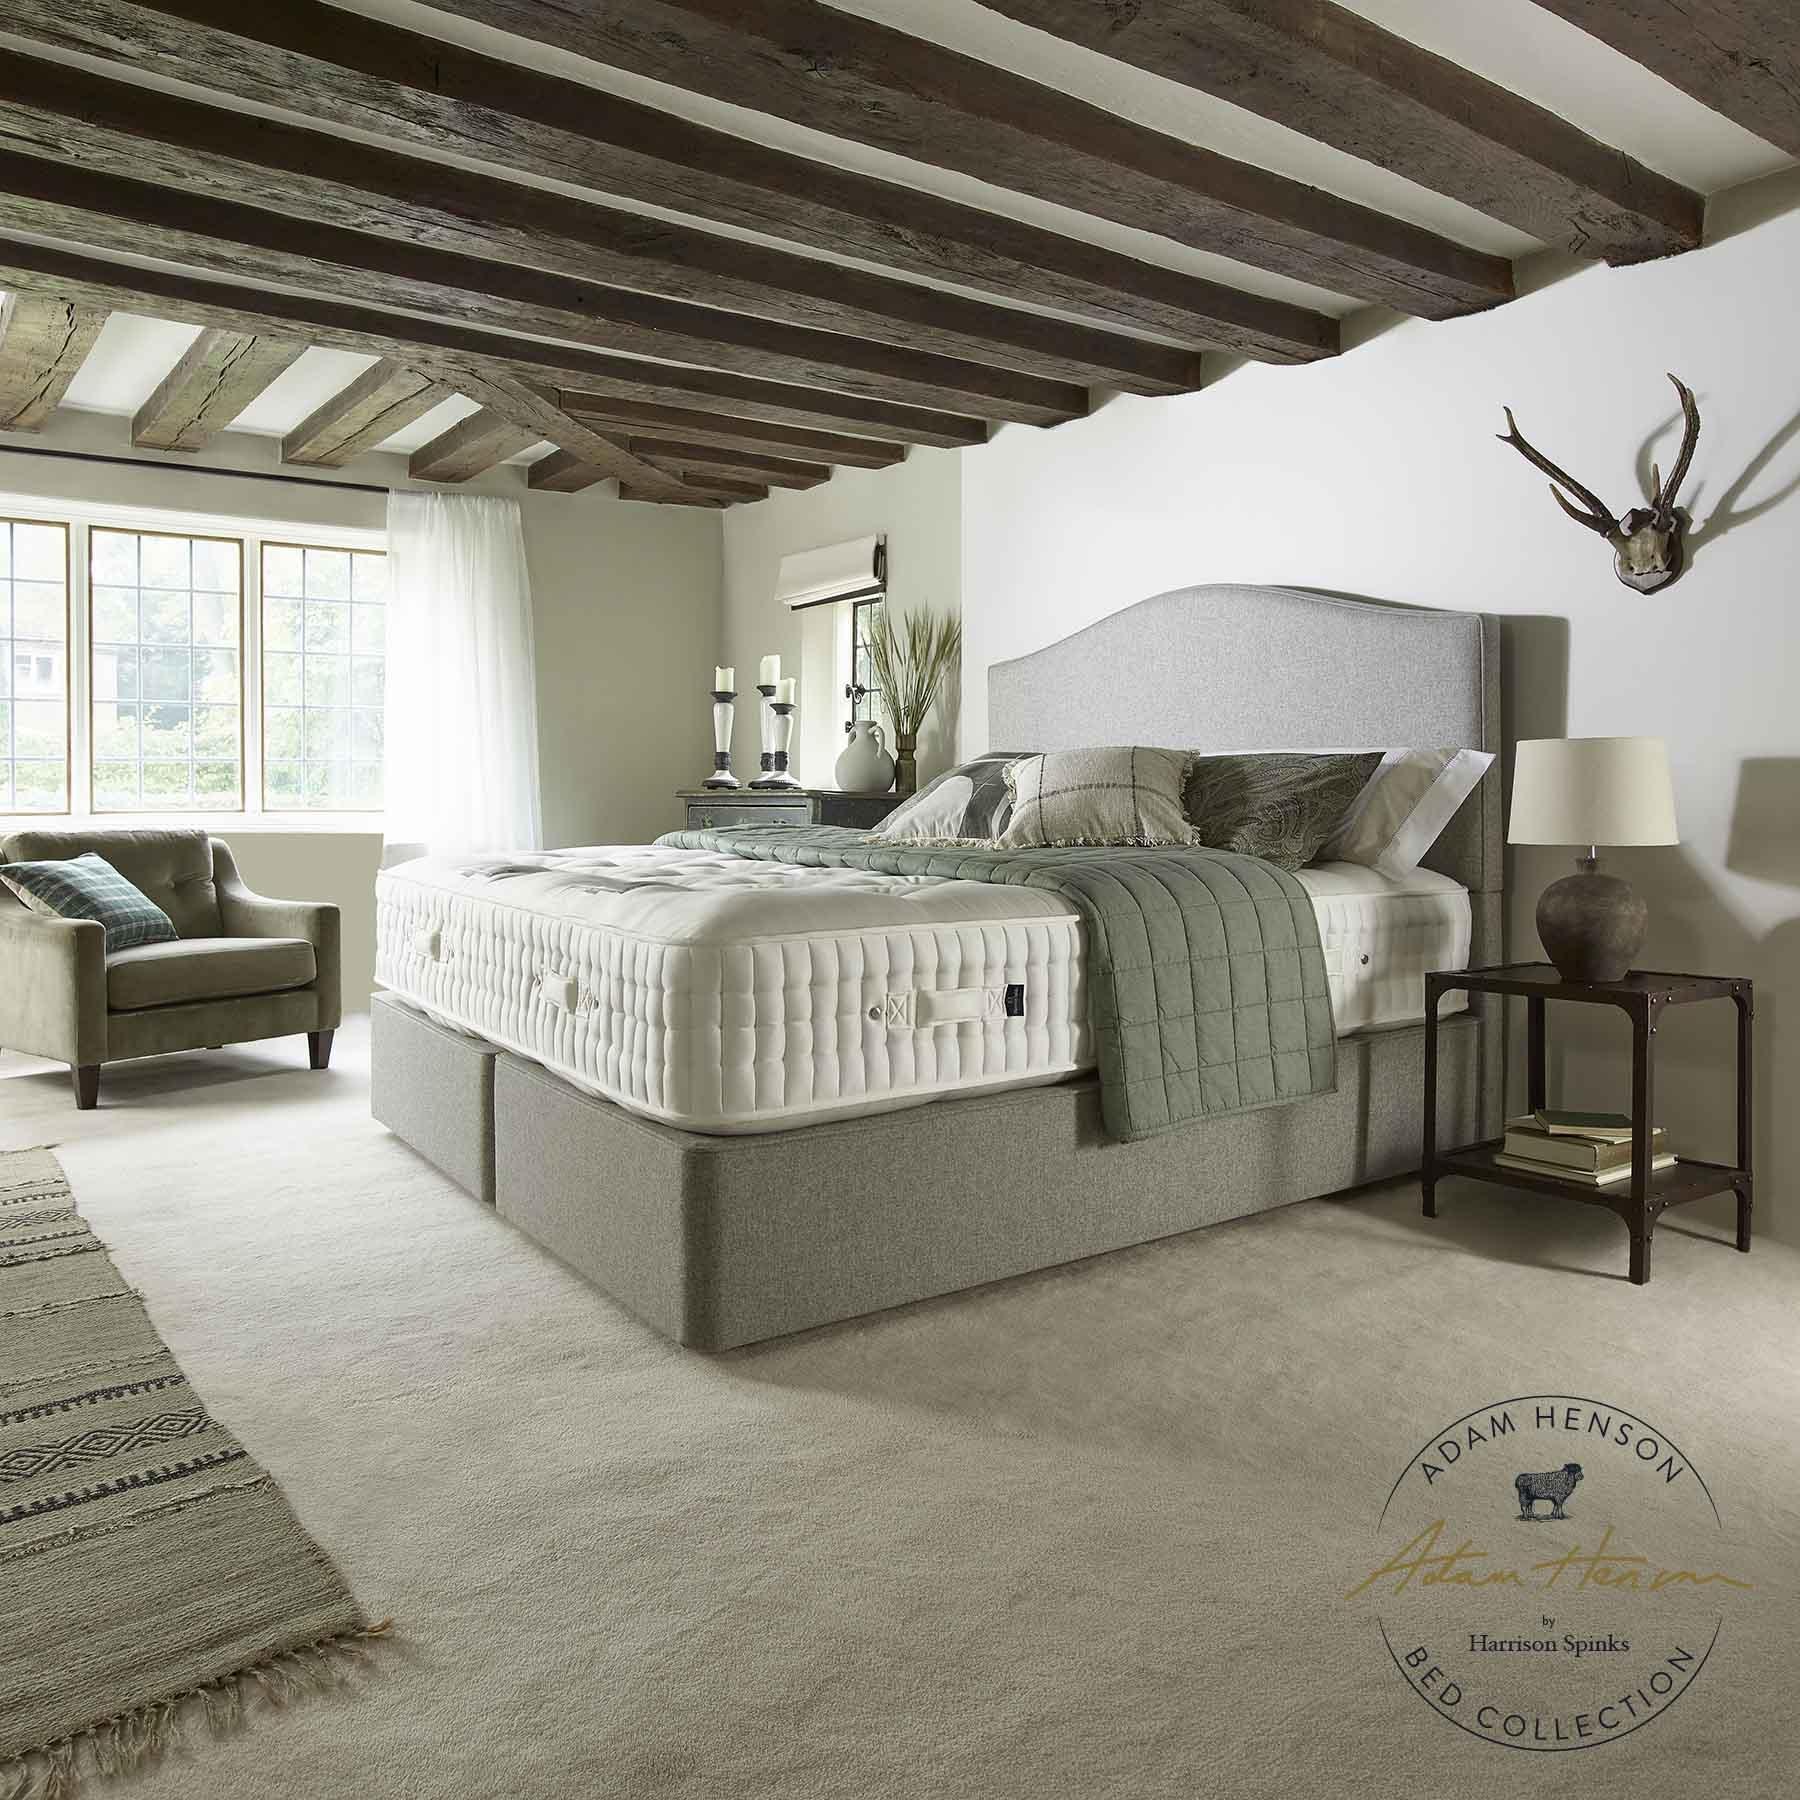 Adam Henson By Harrison Spinks Burford 23800 5 0 X 6 6 Mattress Tr Hayes Furniture Bath